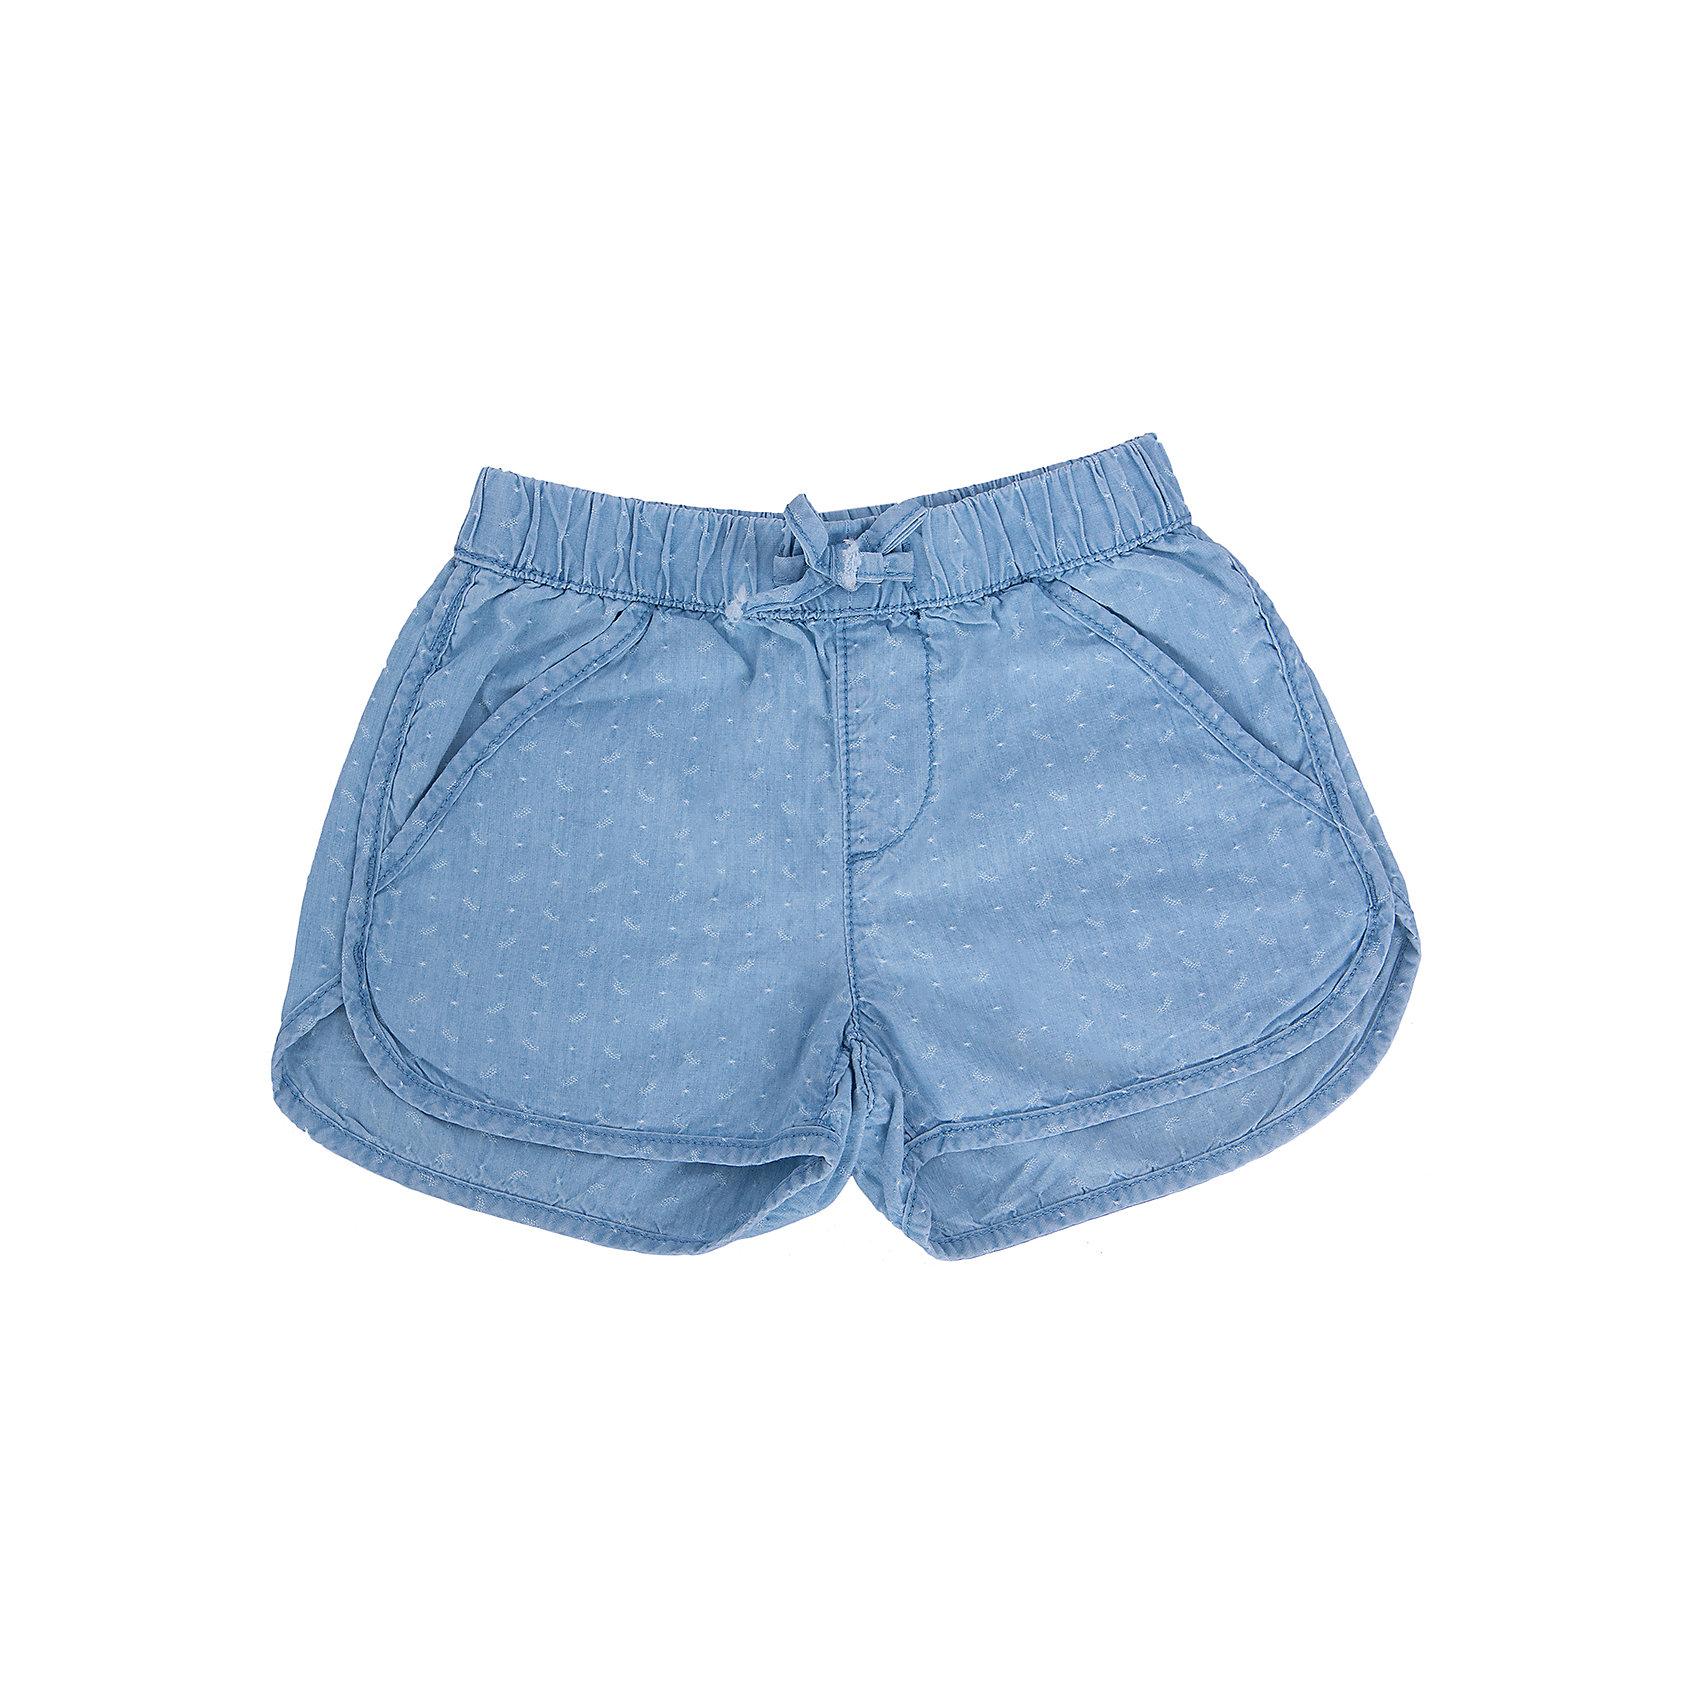 Шорты для девочки SELAШорты, бриджи, капри<br>Очаровательные короткие джинсовые шортики для девочки от популярного бренда SELA. Изделие выполнено из натурального денима, дышащего, мягкого и очень приятного к телу, и обладает следующим особенностями:<br>- цвет голубой джинс;<br>- полуприлегающий фасон;<br>- эластичный пояс;<br>- 2 кармашка по бокам, 1 сзади;<br>- комфортный крой, обеспечивающий свободу движений.<br>Прекрасный выбор для активных игр!<br><br>Дополнительная информация:<br>- состав: 100% хлопок<br>- цвет: голубой джинс<br><br>Шорты для девочки SELA (СЕЛА) можно купить в нашем магазине<br><br>Ширина мм: 191<br>Глубина мм: 10<br>Высота мм: 175<br>Вес г: 273<br>Цвет: голубой<br>Возраст от месяцев: 48<br>Возраст до месяцев: 60<br>Пол: Женский<br>Возраст: Детский<br>Размер: 110,116,98,104,92<br>SKU: 4741871